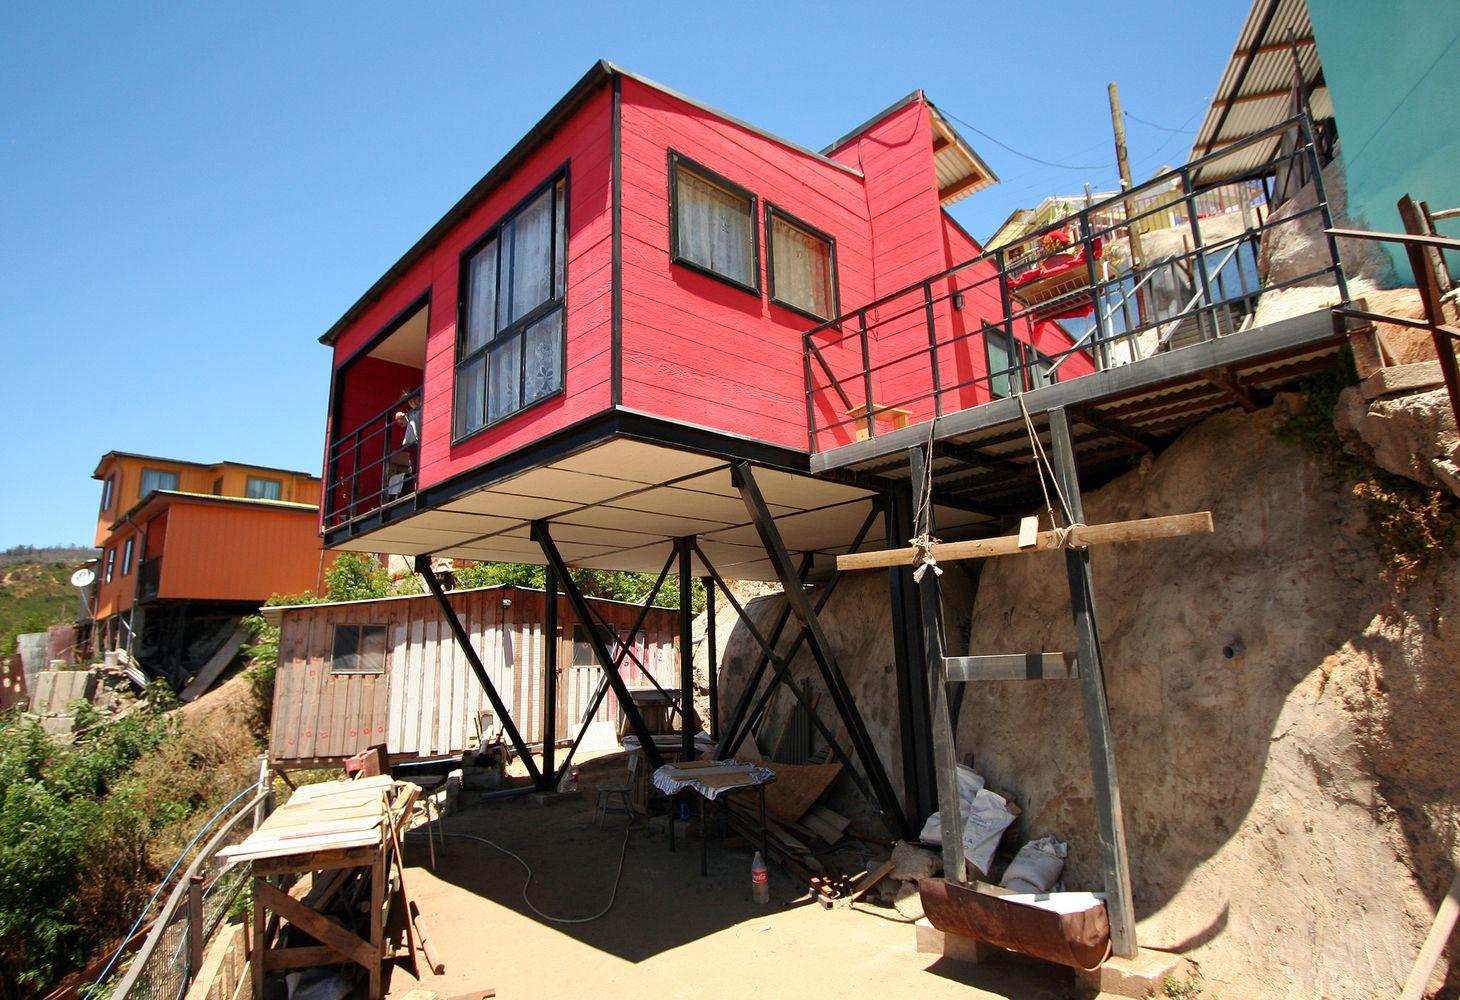 Erkunde Moderne Häuser, Kleine Häuser Und Noch Mehr!